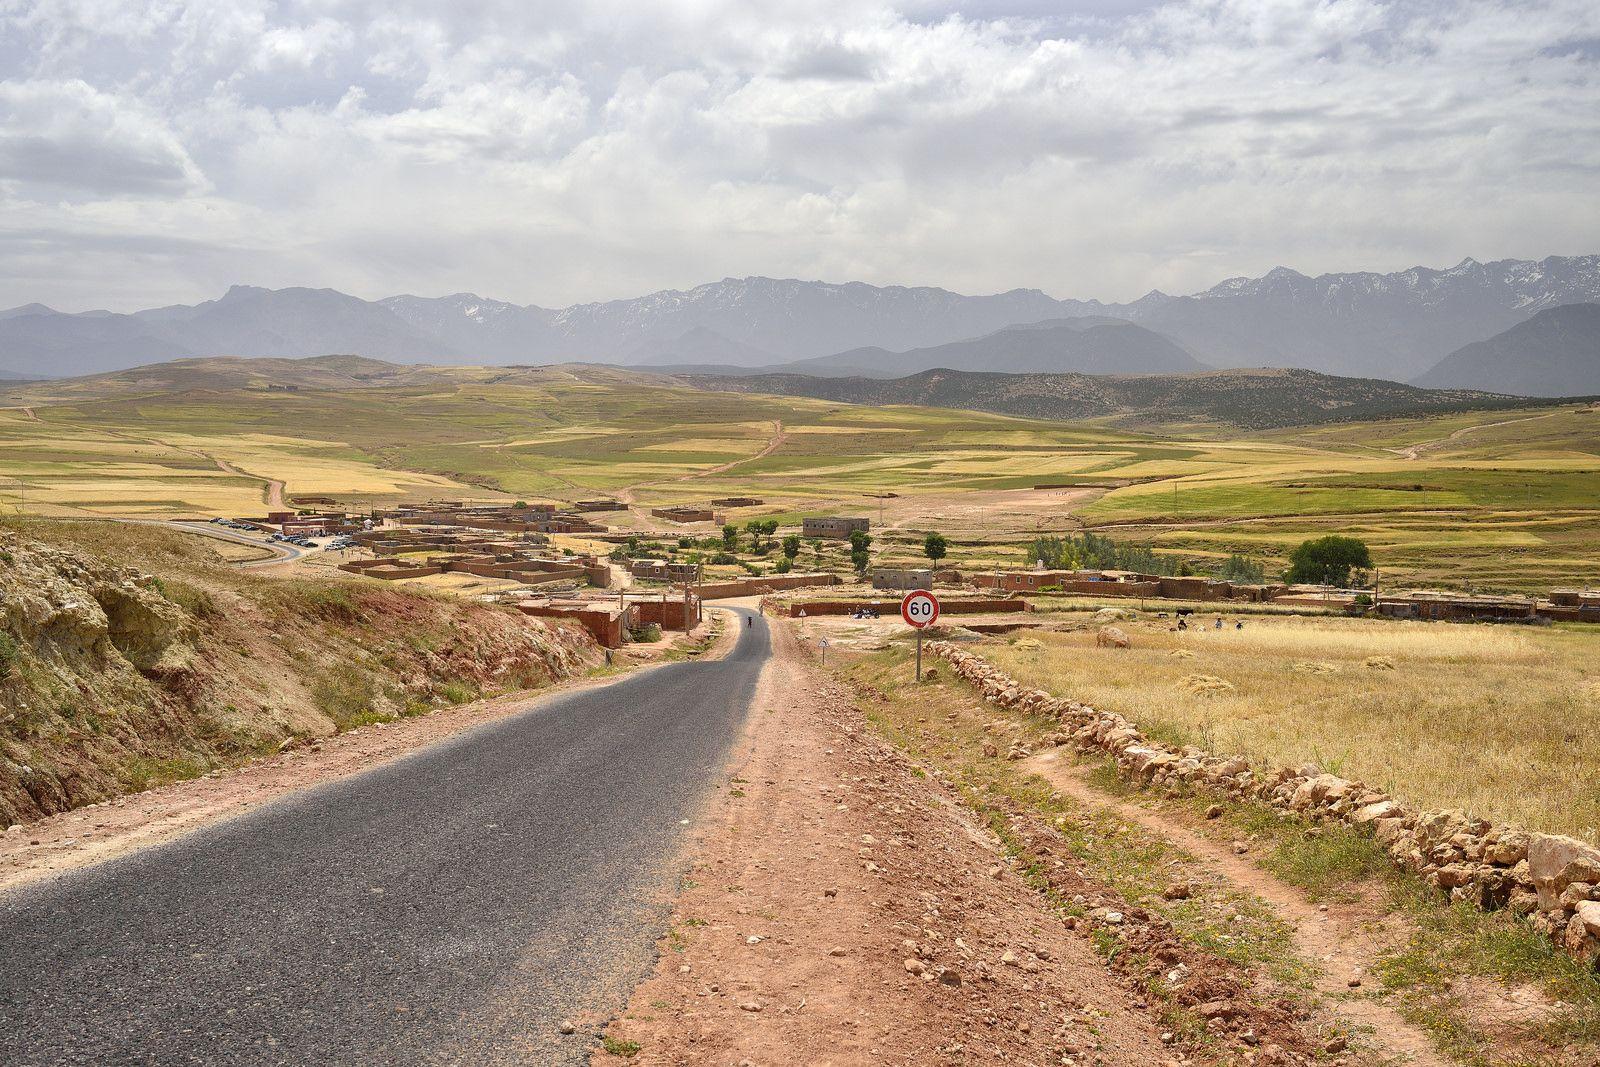 Road To Kik Plteau